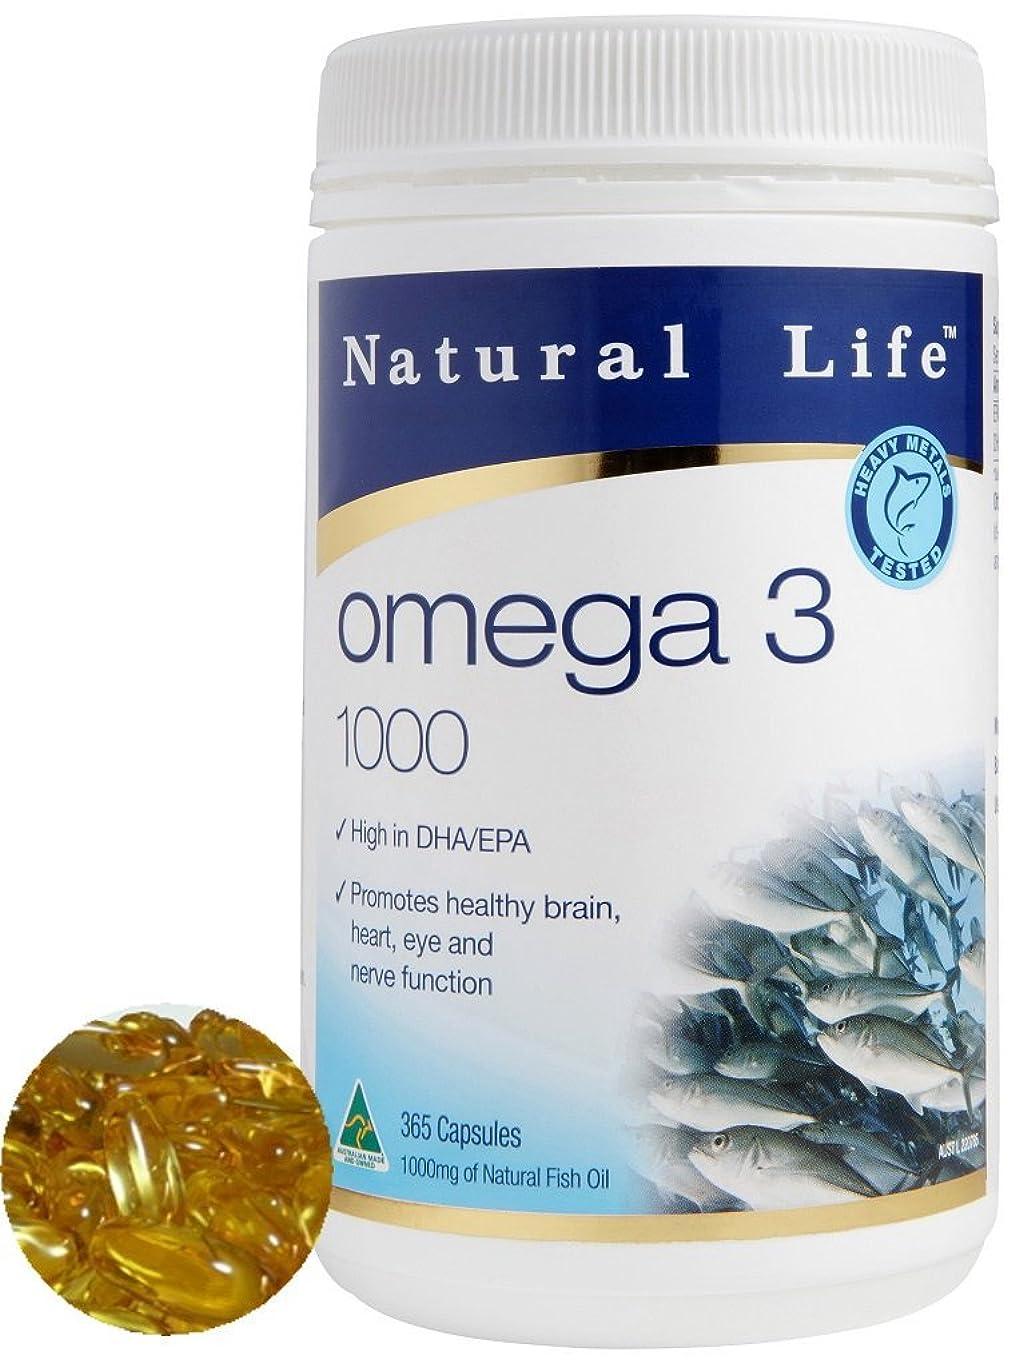 技術者キルトブレースDHA EPA オメガ3系脂肪酸1000mg×365粒/半年分。ダントツの成分量(オーストラリア政府TGA認定商品)[海外直送品]